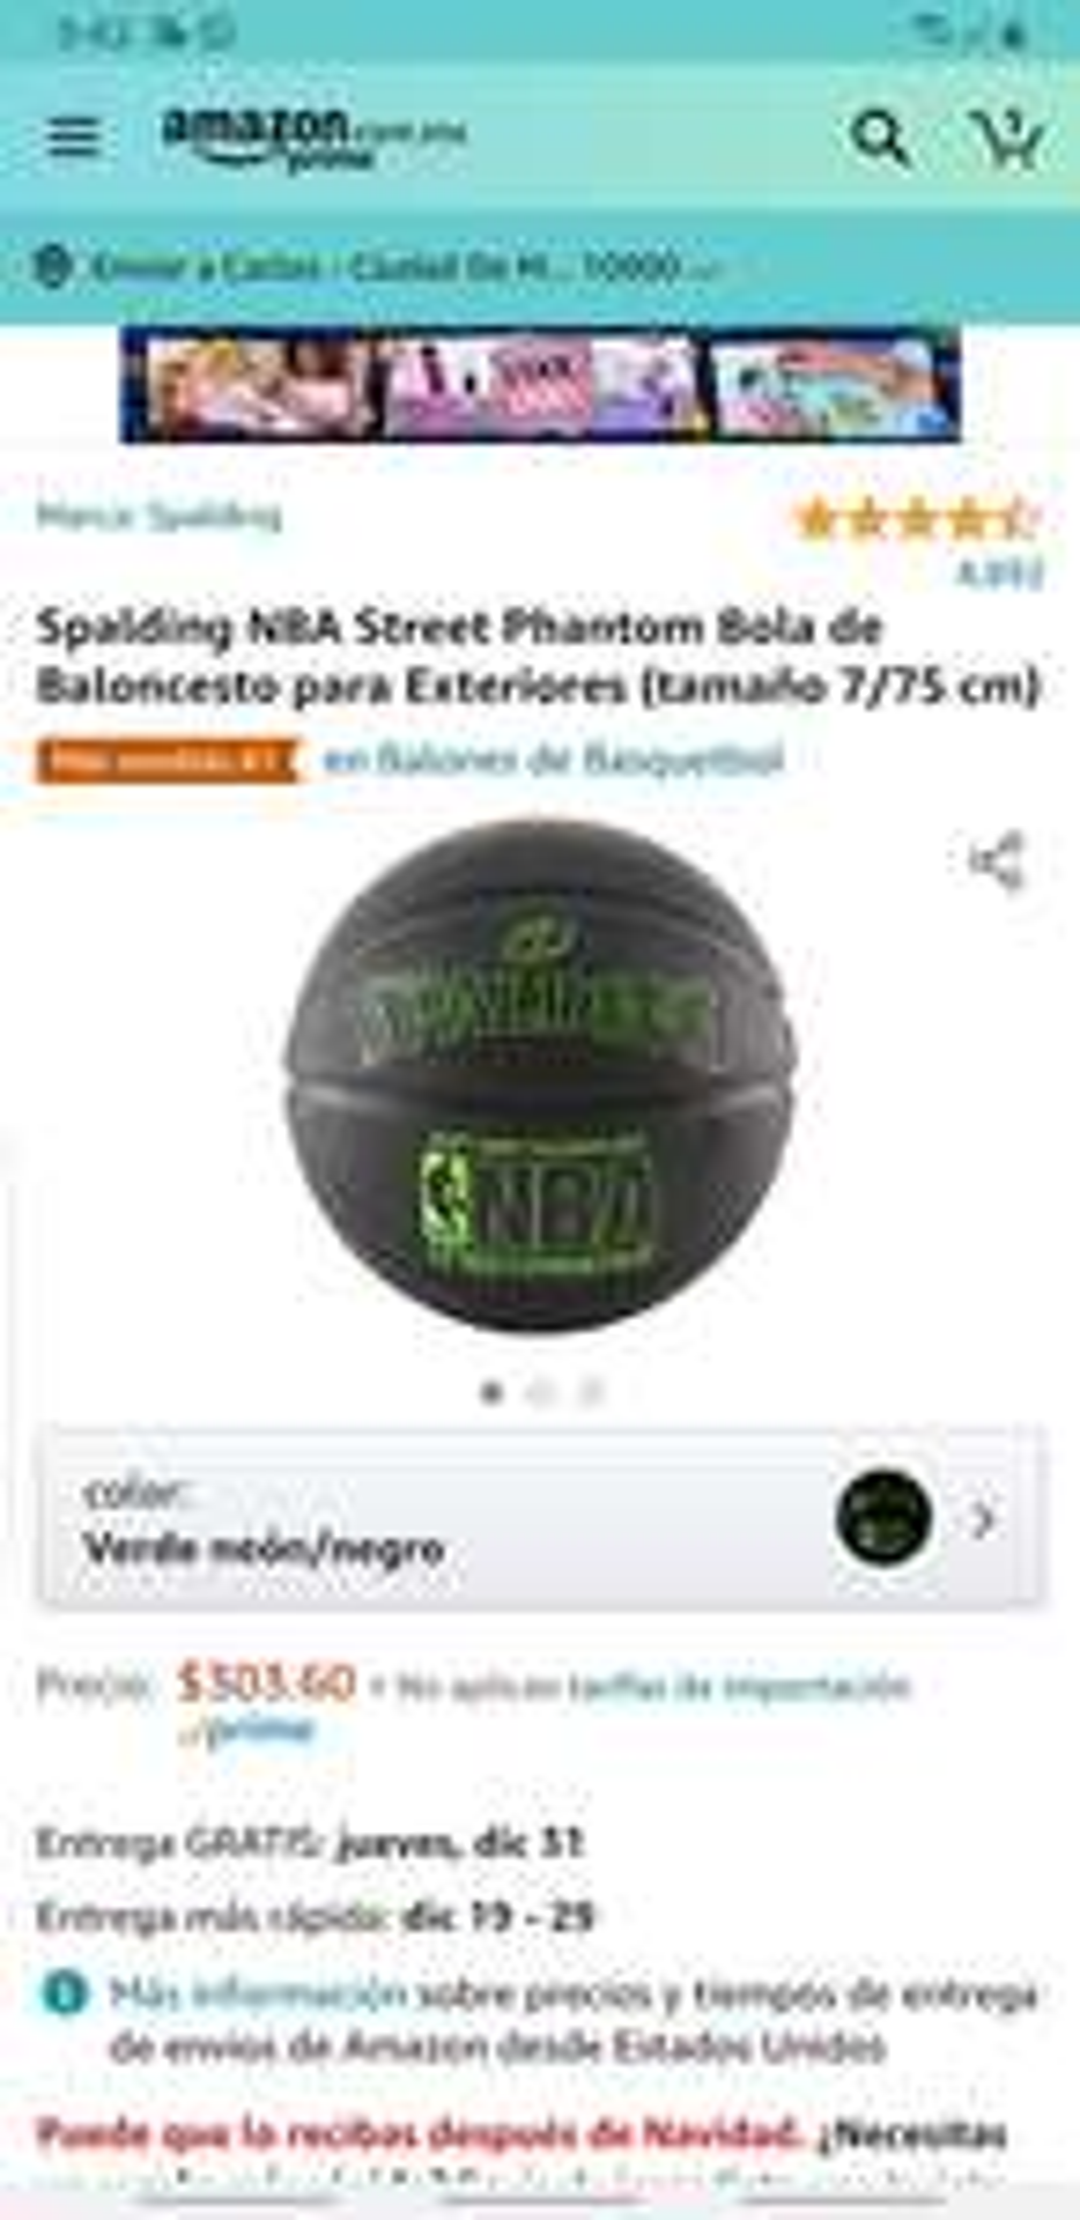 Amazon: Spalding NBA StreetPhantom Bola de Baloncesto para Exteriores (tamaño 7/75cm)